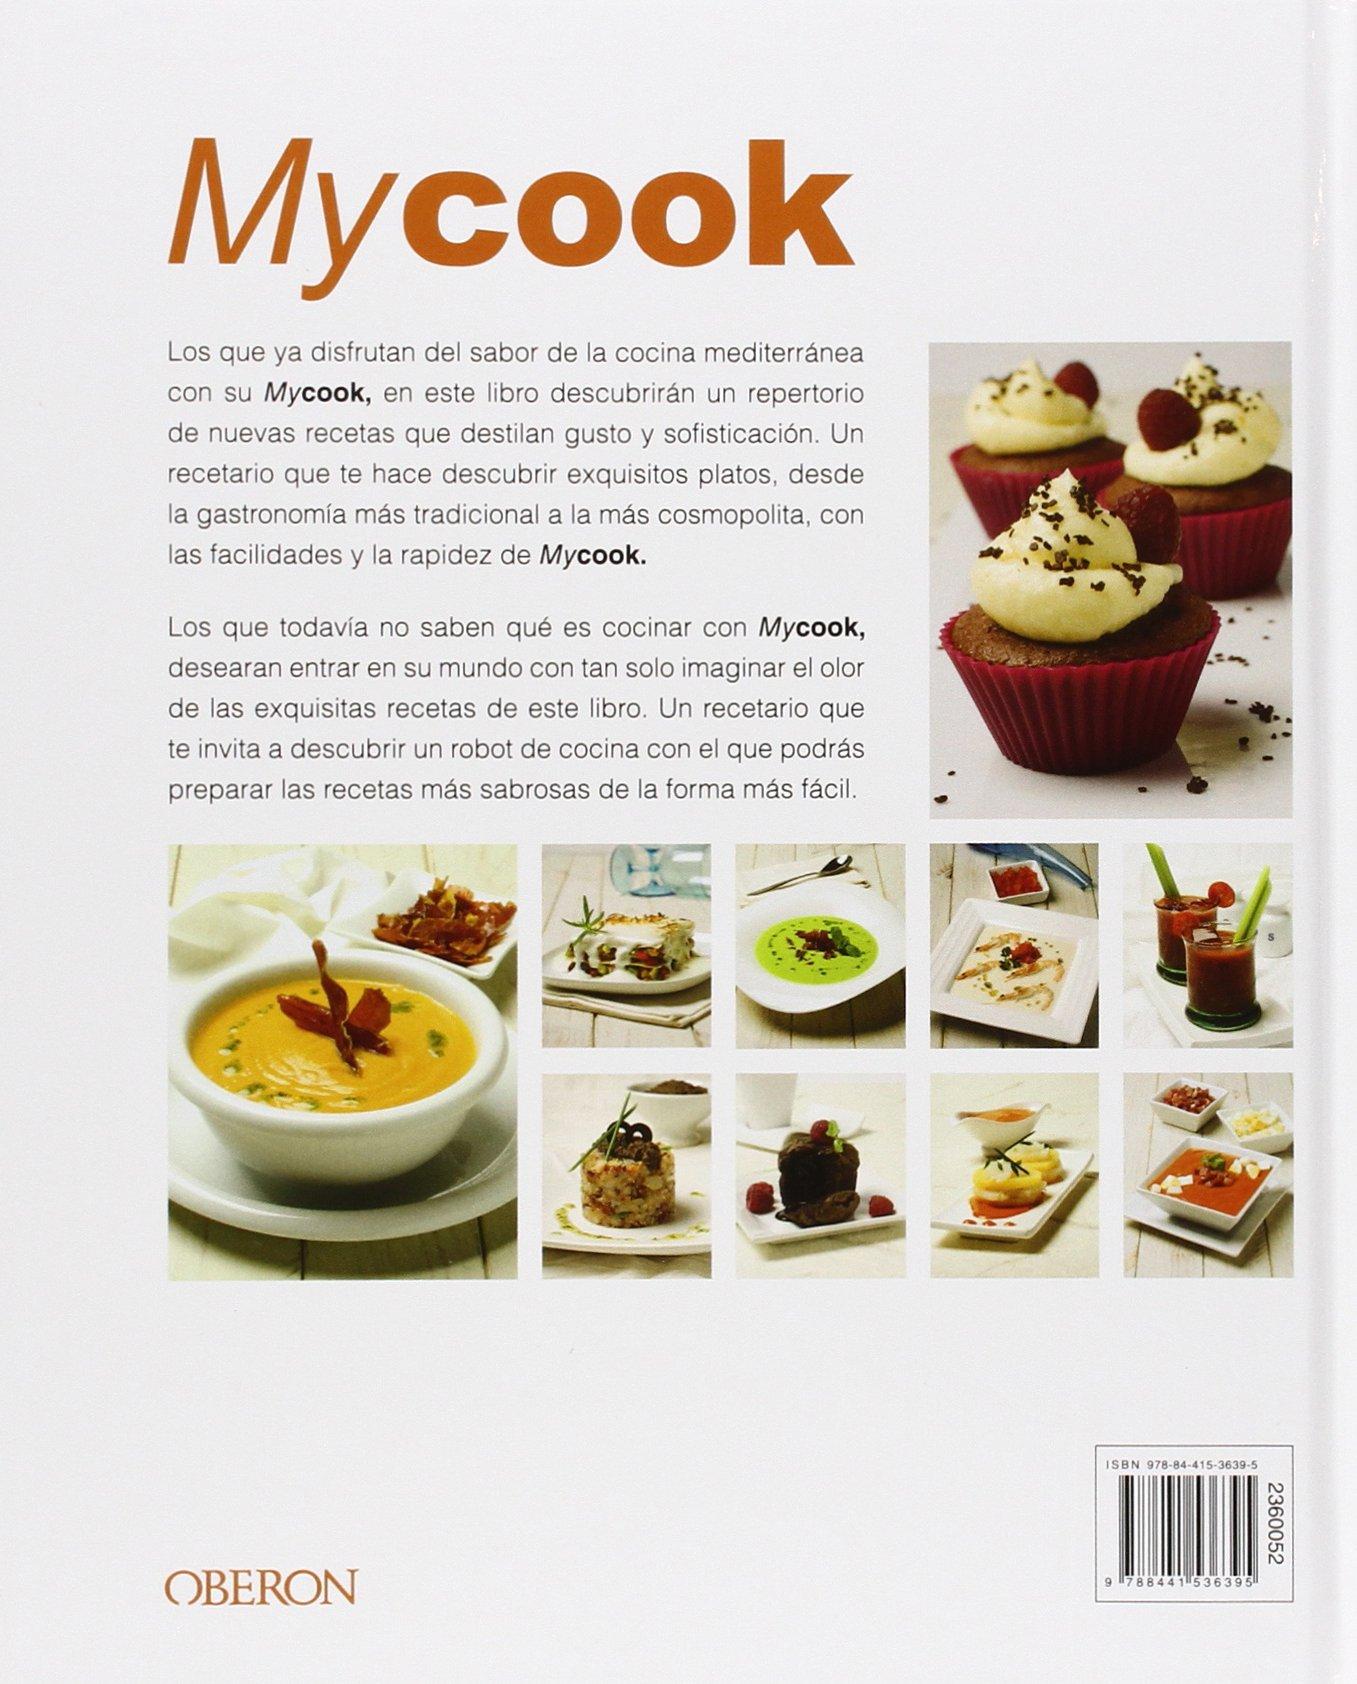 Mycook (Libros Singulares): Amazon.es: Vv.Aa.: Libros